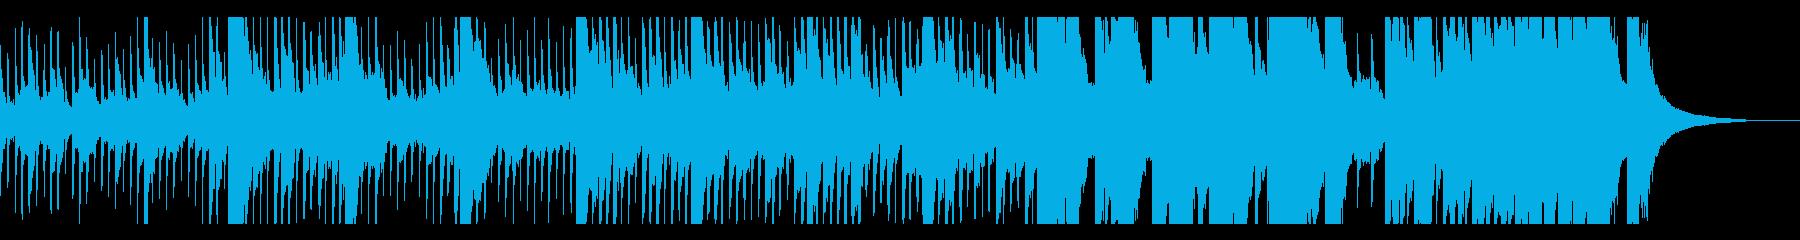 アナログ・ノイズ・レコード 優しいギターの再生済みの波形